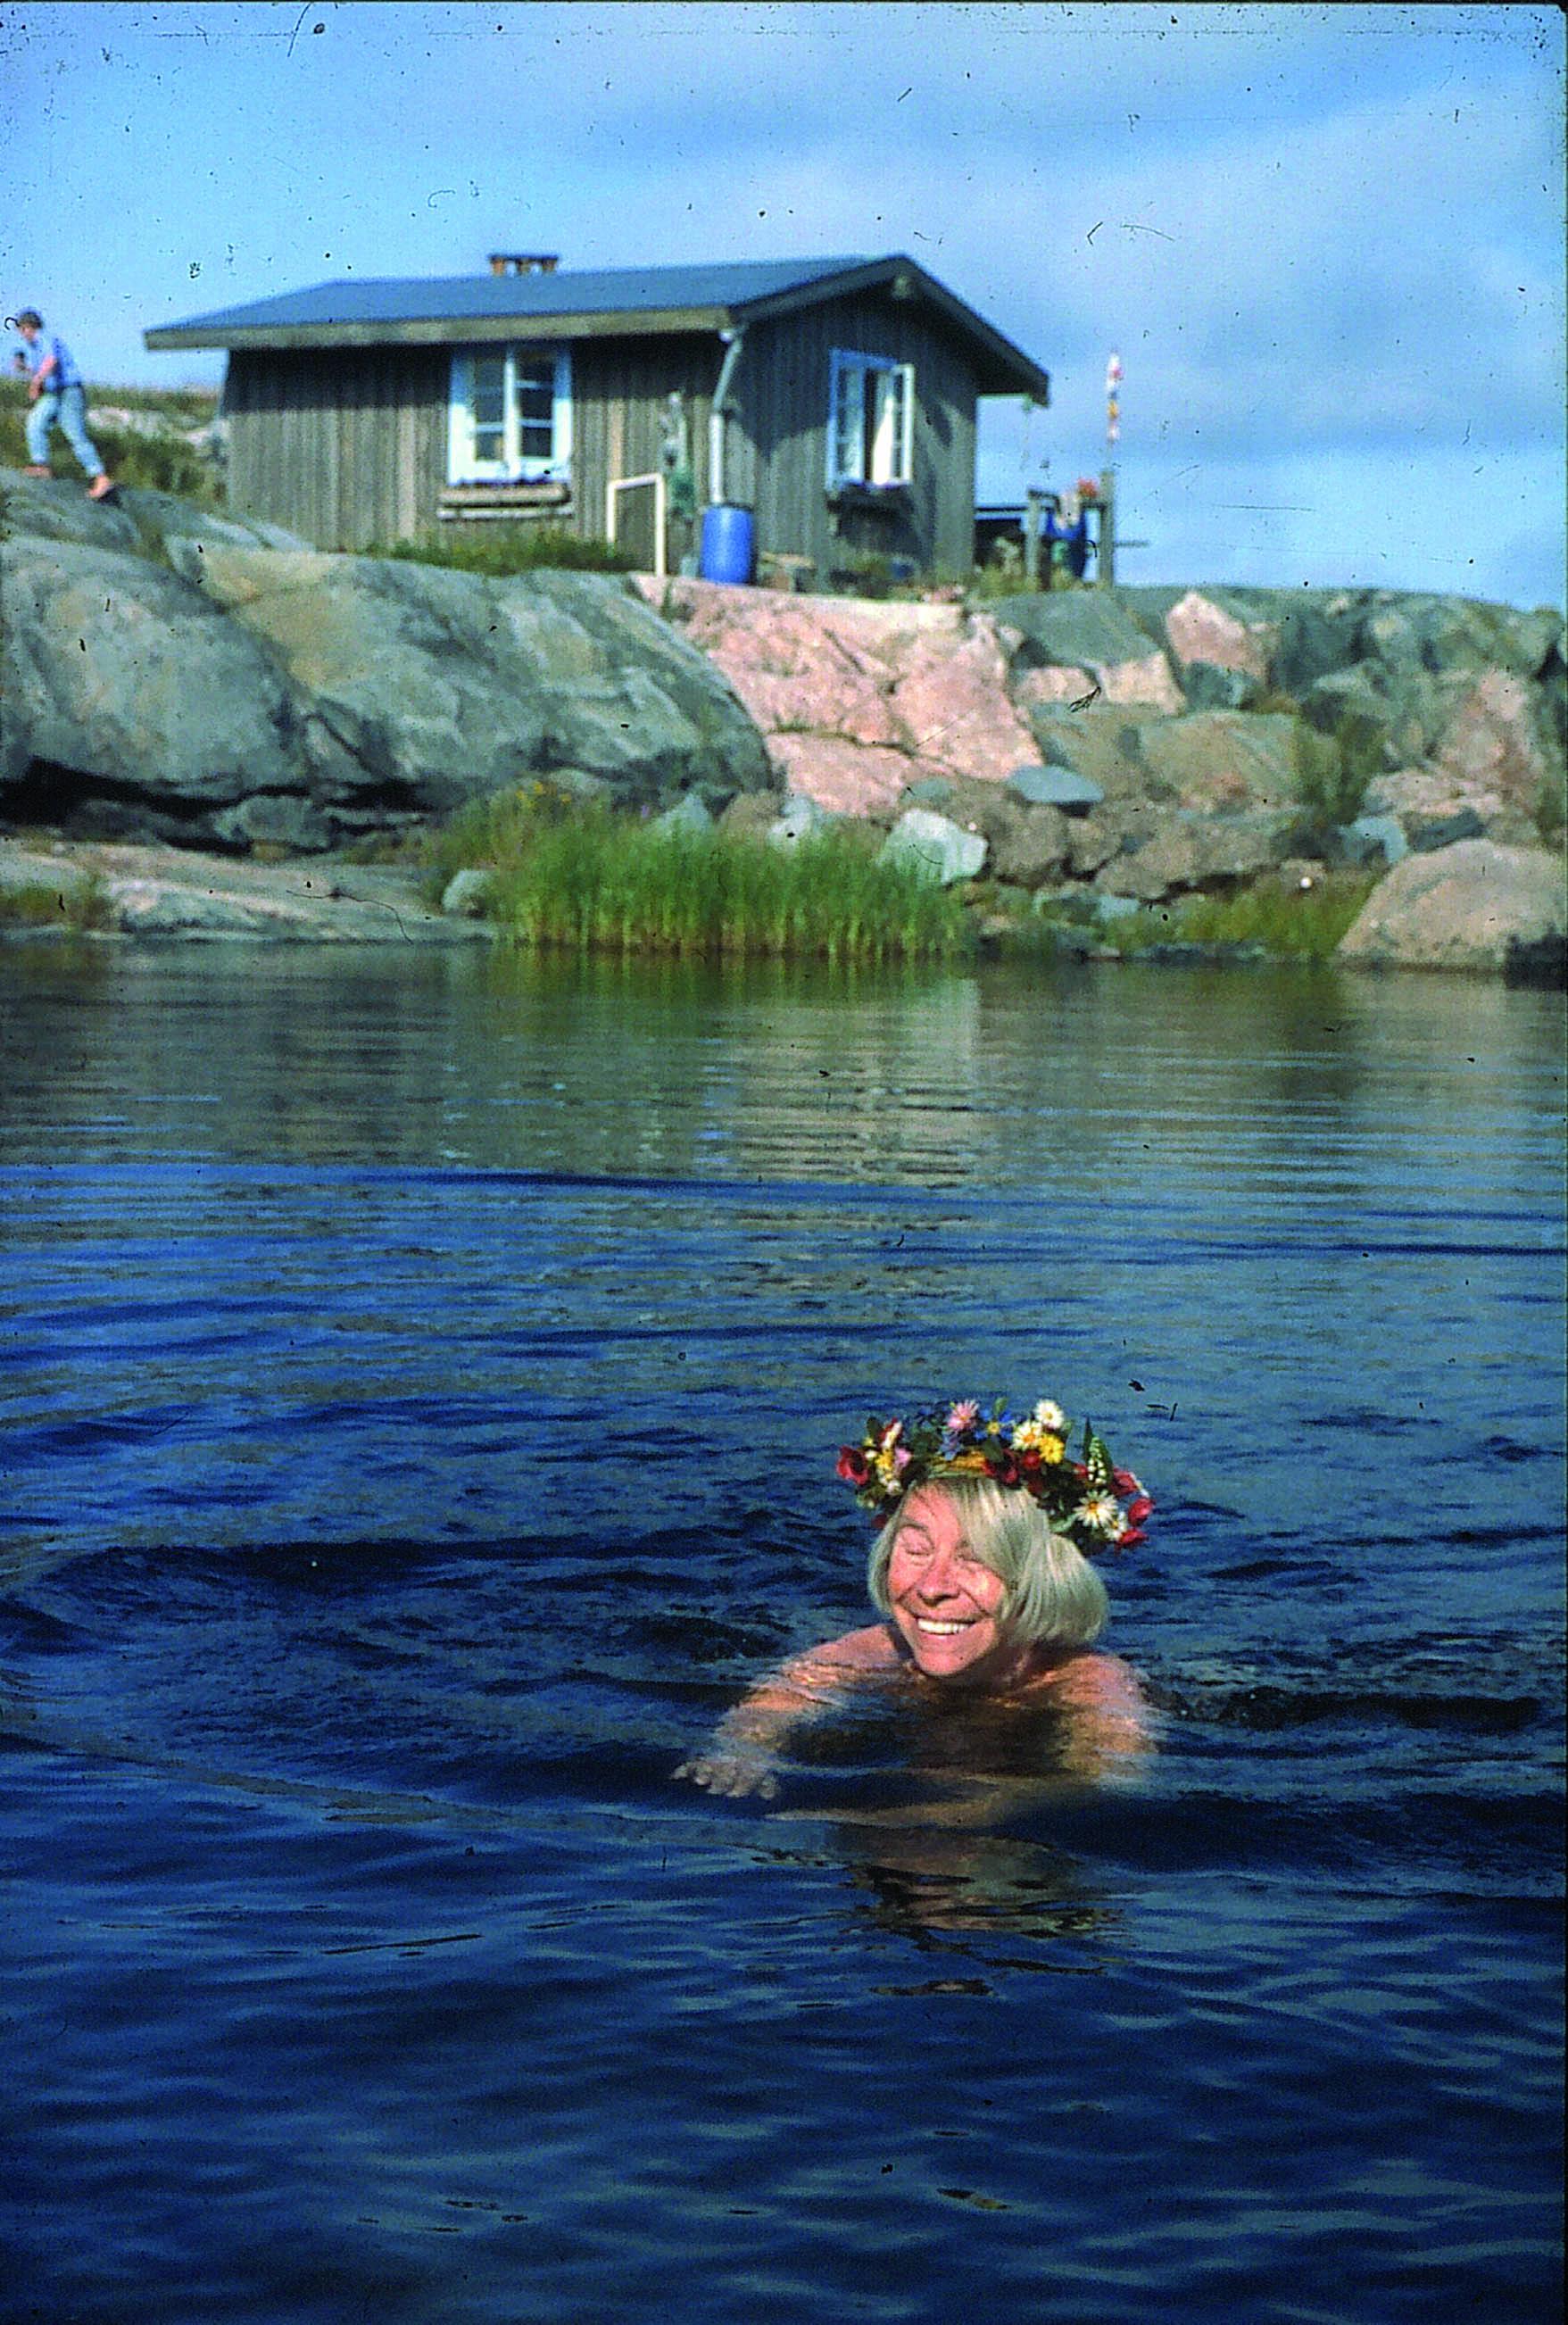 Tove kukkaseppeleuinnillaan. Hänellä oli tapana juhlistaa syntymäpäiväänsä 9.8. uimalla seppele päässä. Kuva: Moomin Characters.